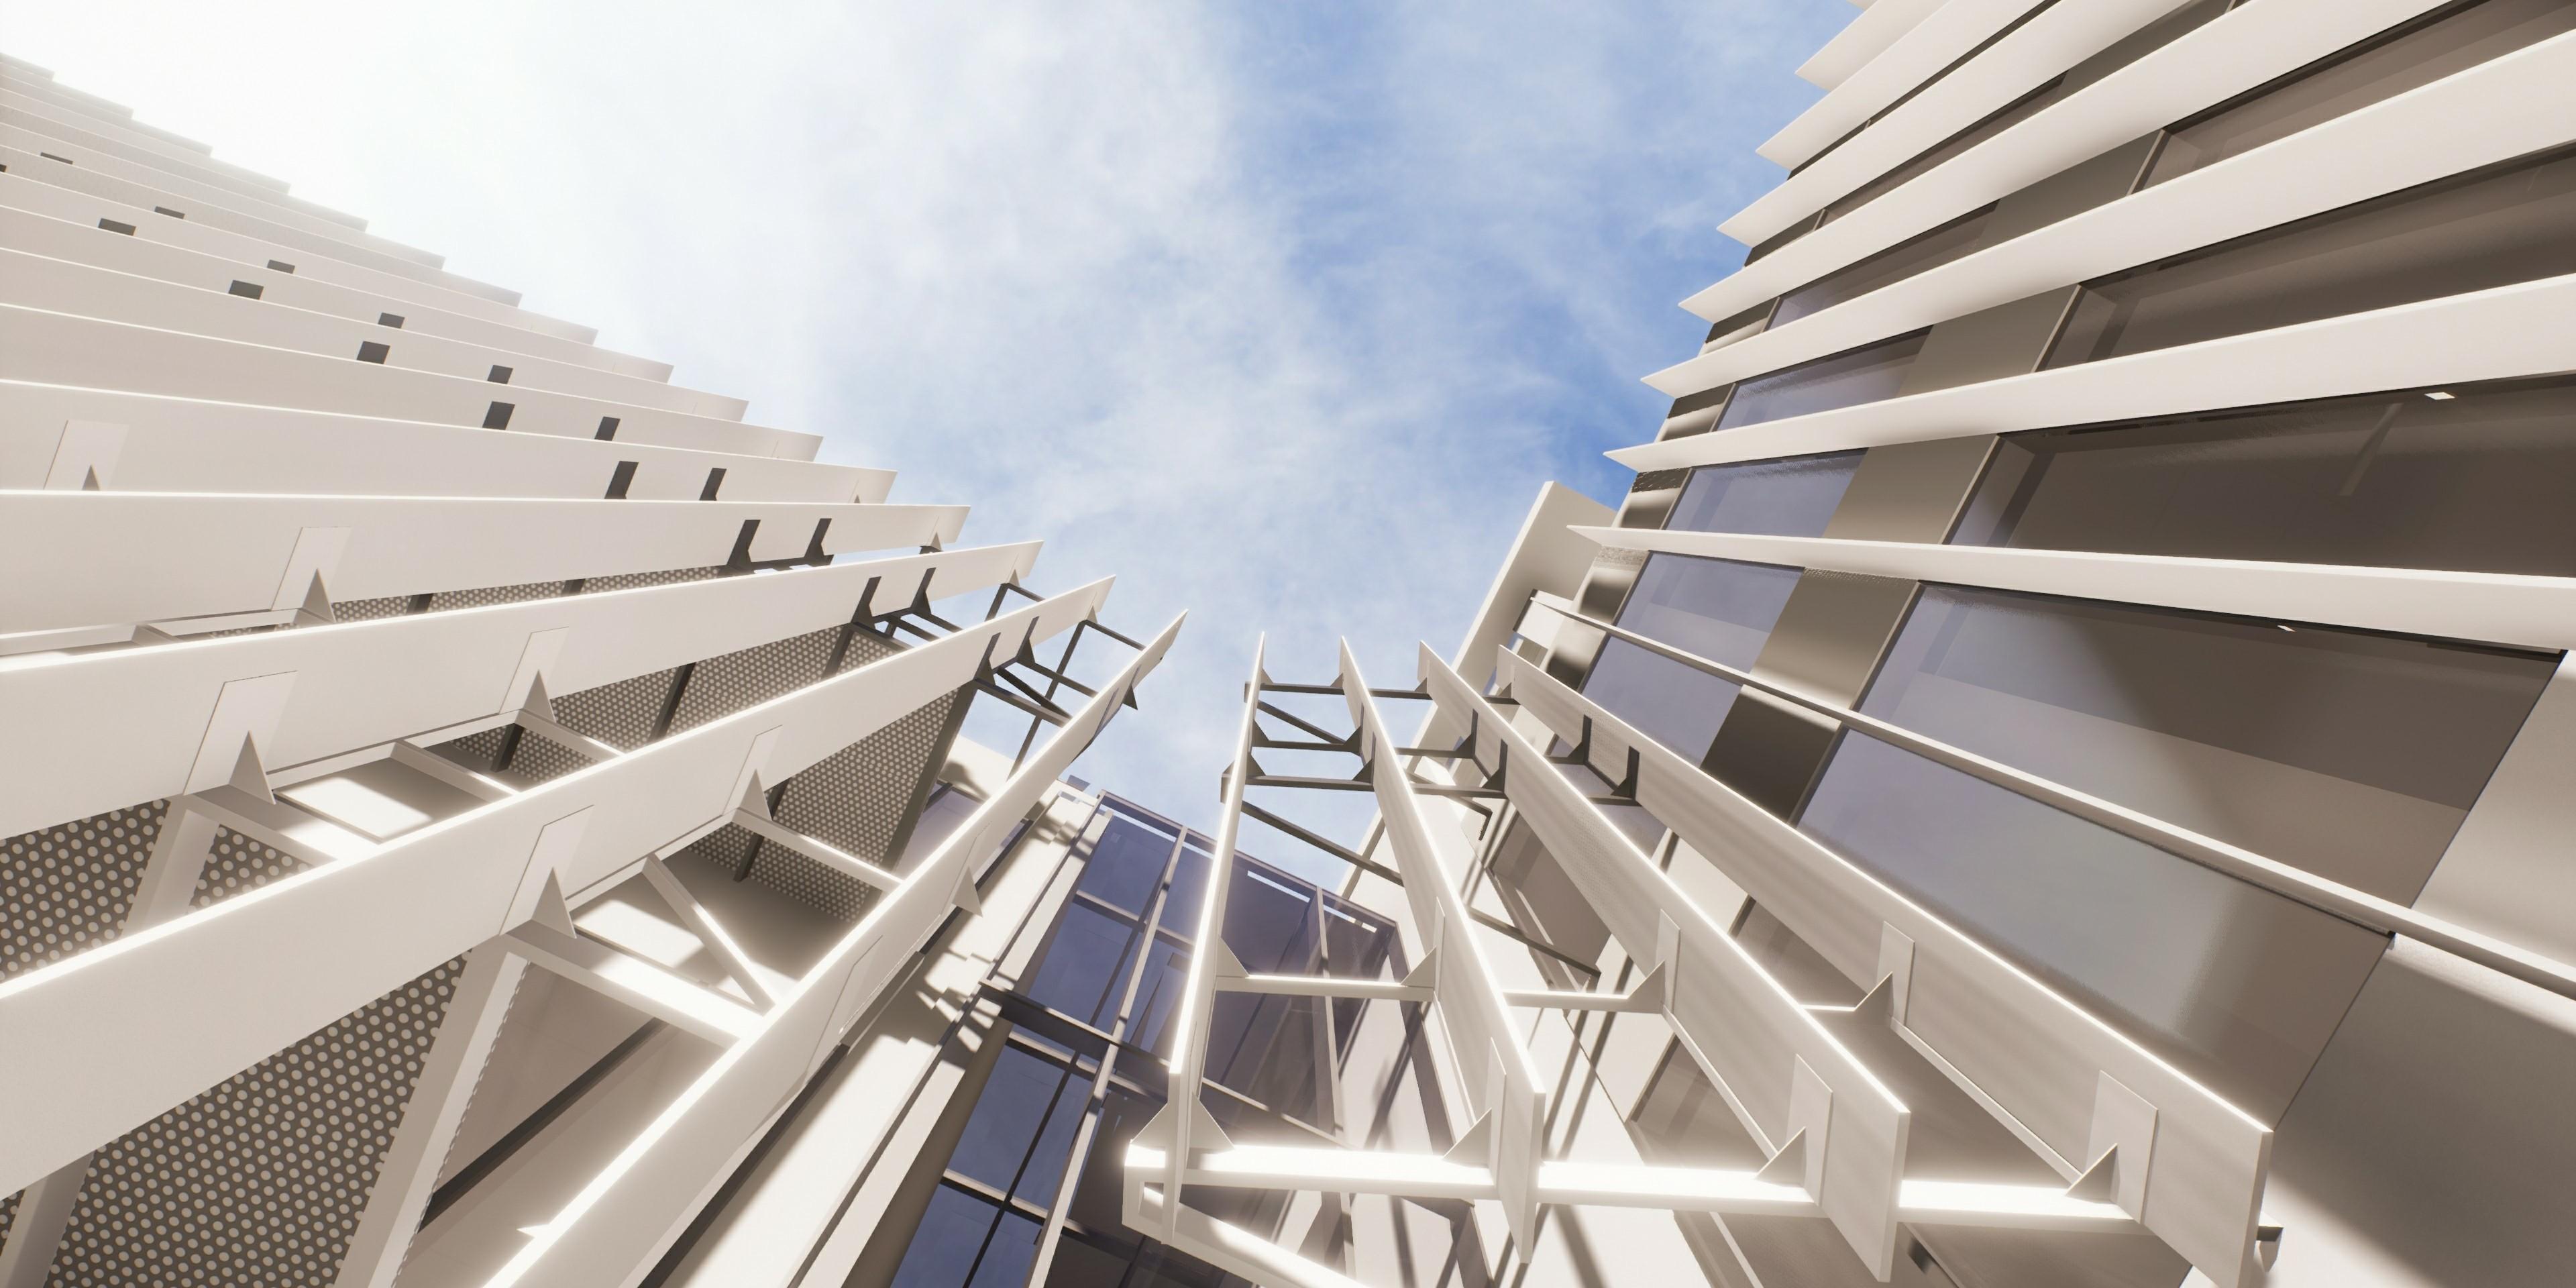 Architettura E Design architettura e design - livello due faenza (ravenna)